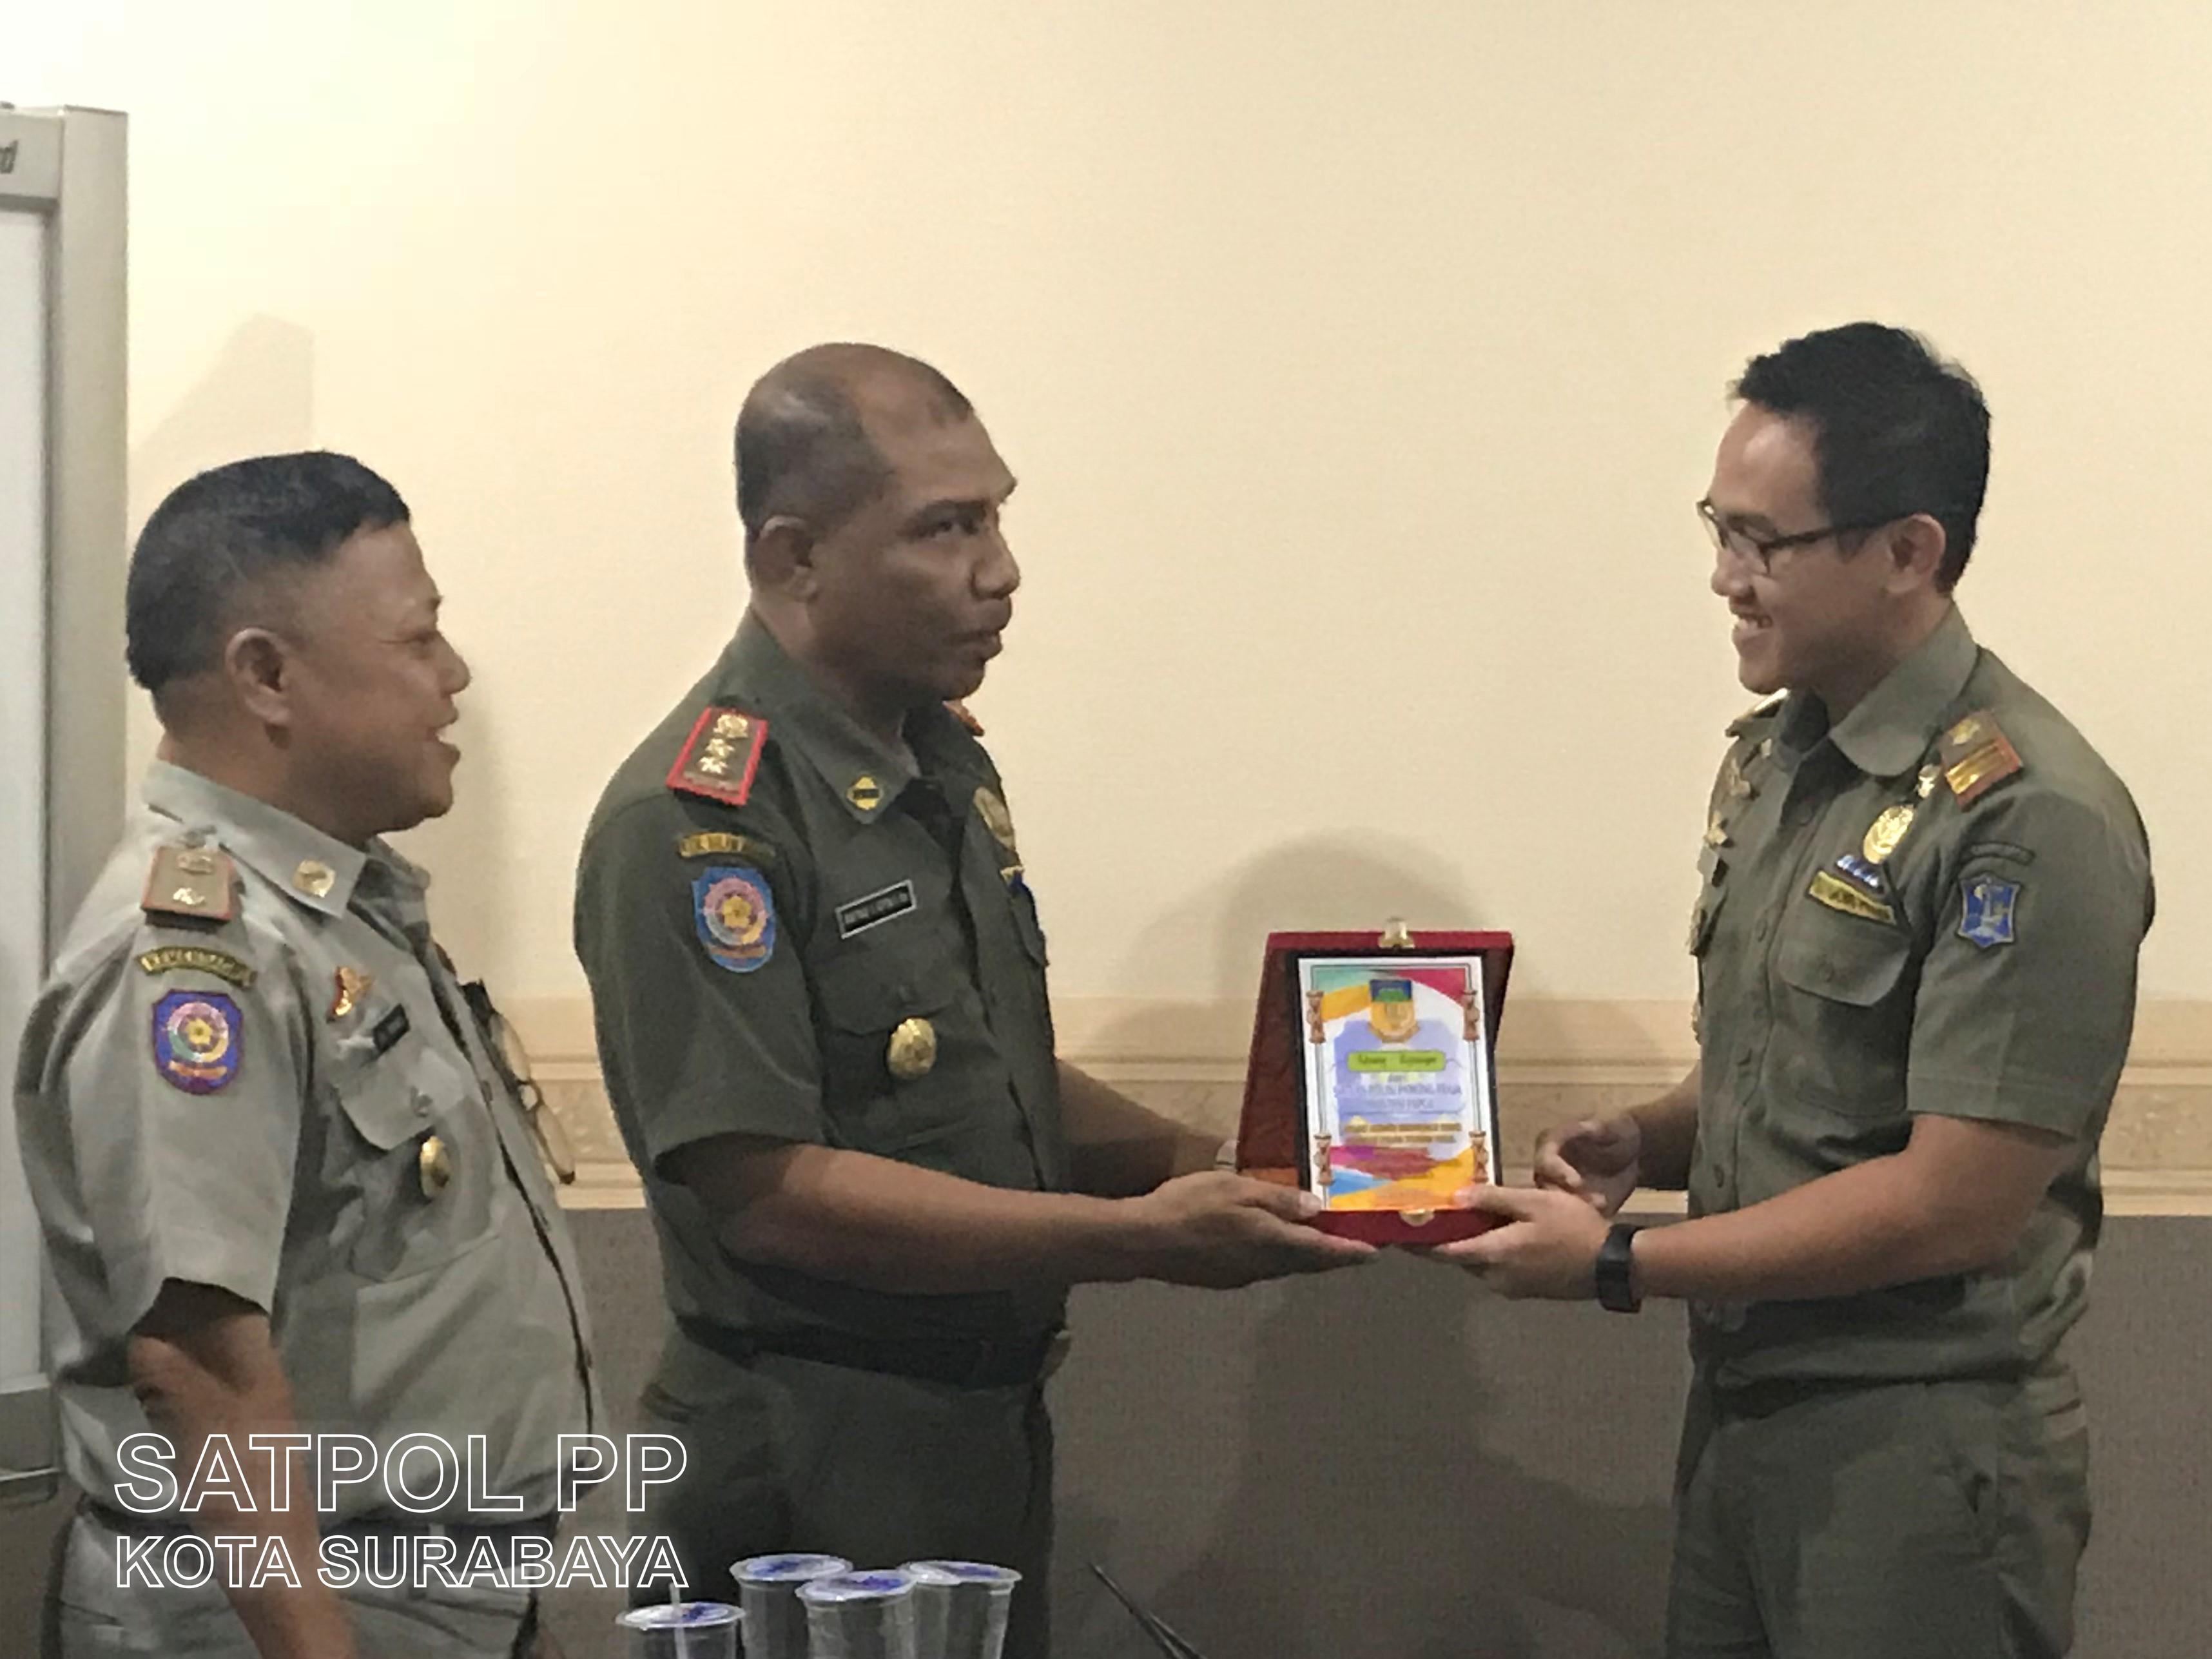 Dari Papua, Mereka Gali Ilmu di Satpol PP Kota Surabaya